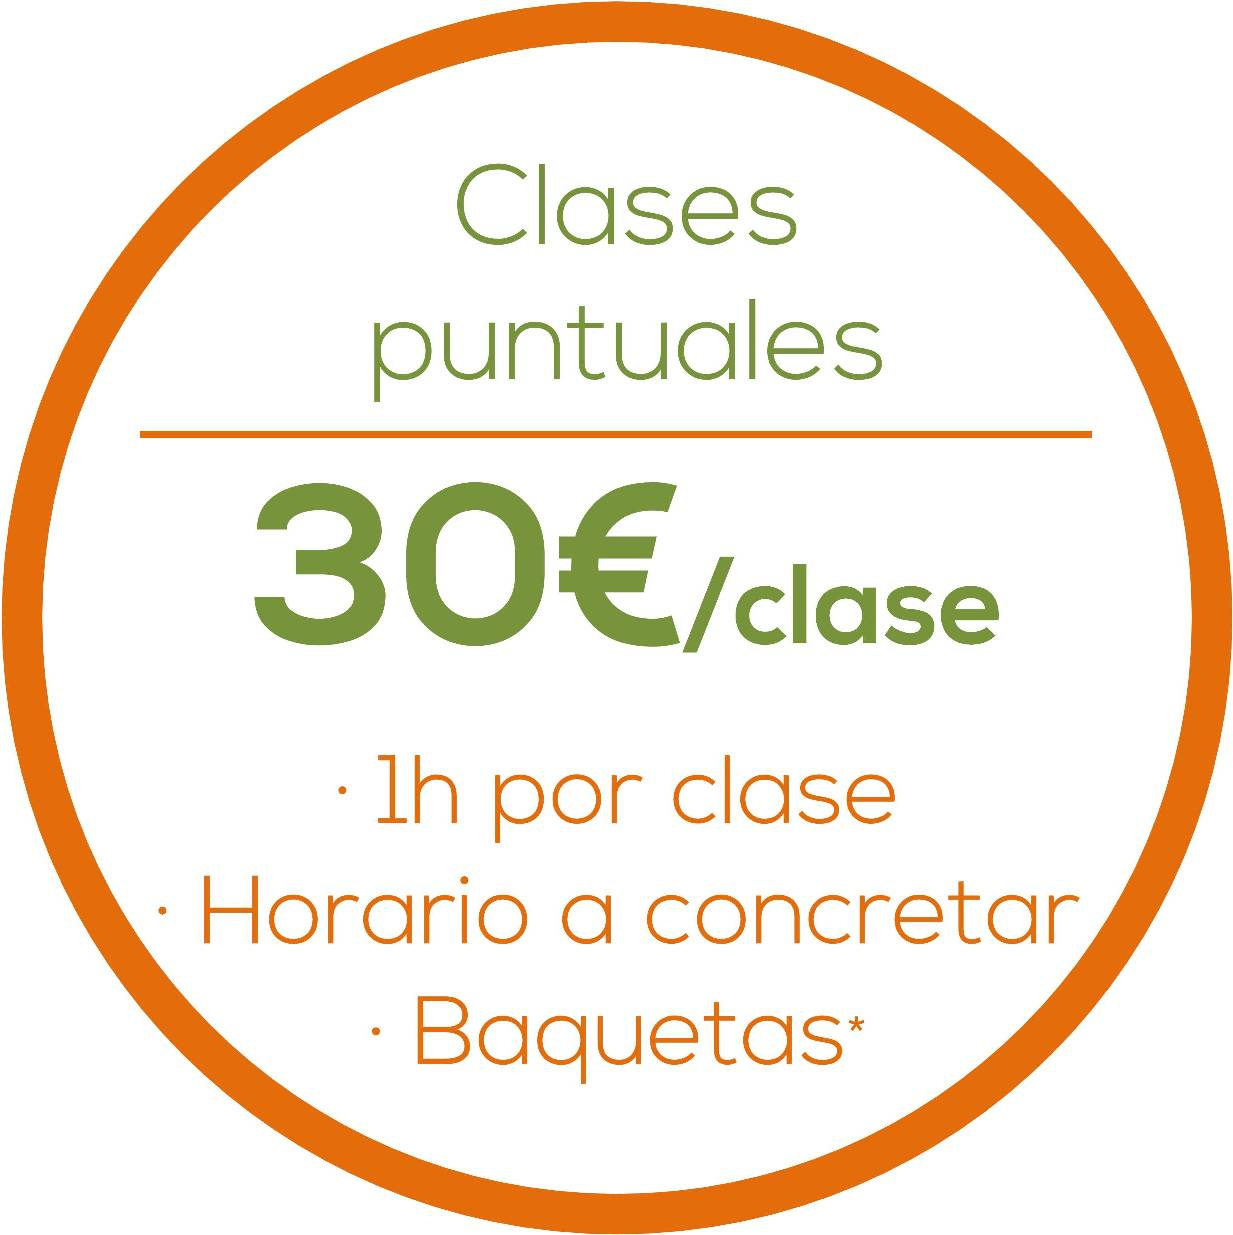 Clases puntuales, 30€/clase, 1h/clase, Horario a concretar, Baquetas gratis www.happyfrogdrums.com